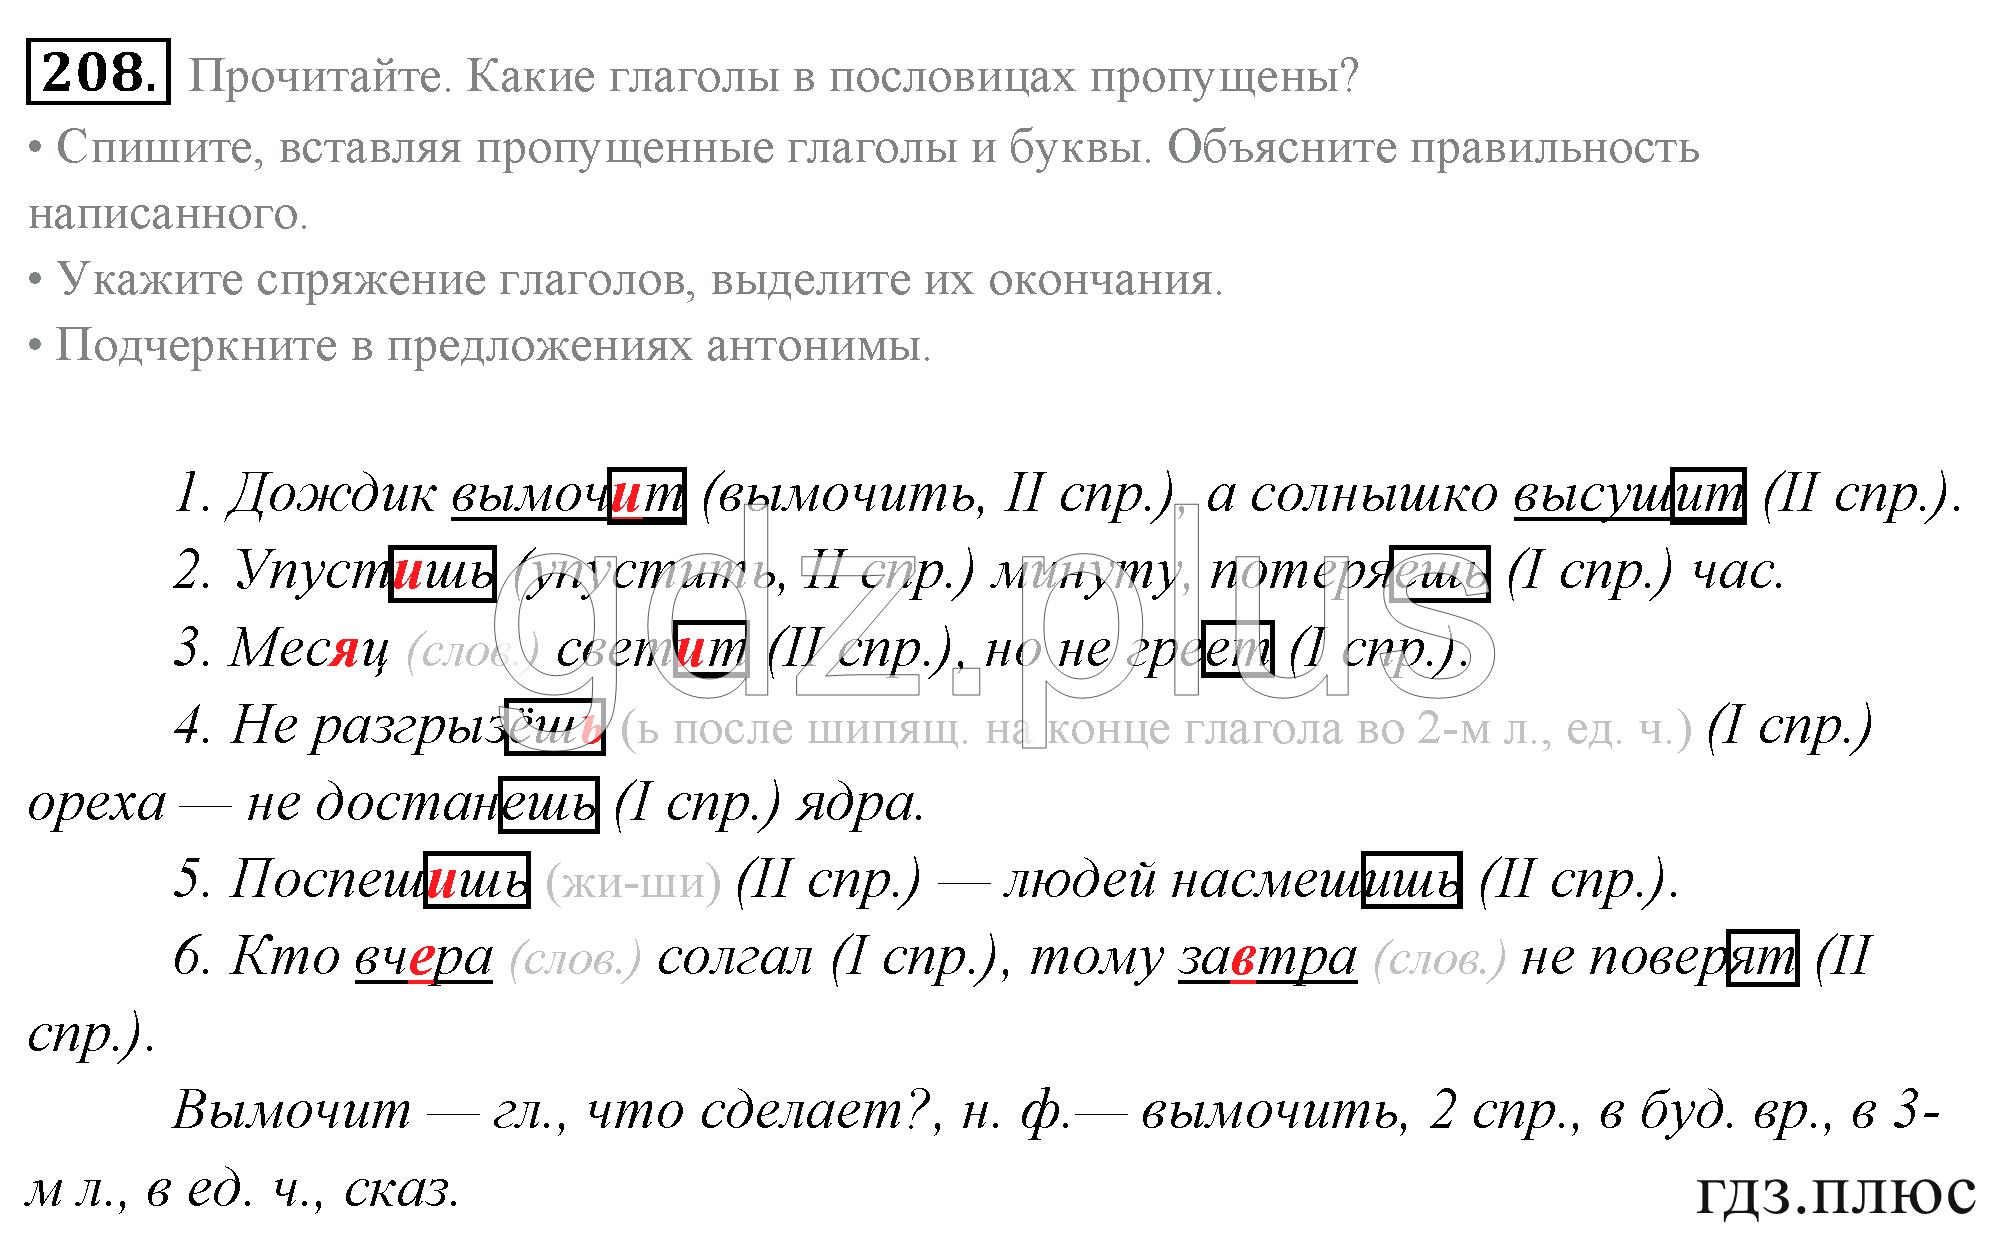 Гдз по истории россии сахаров 10класс